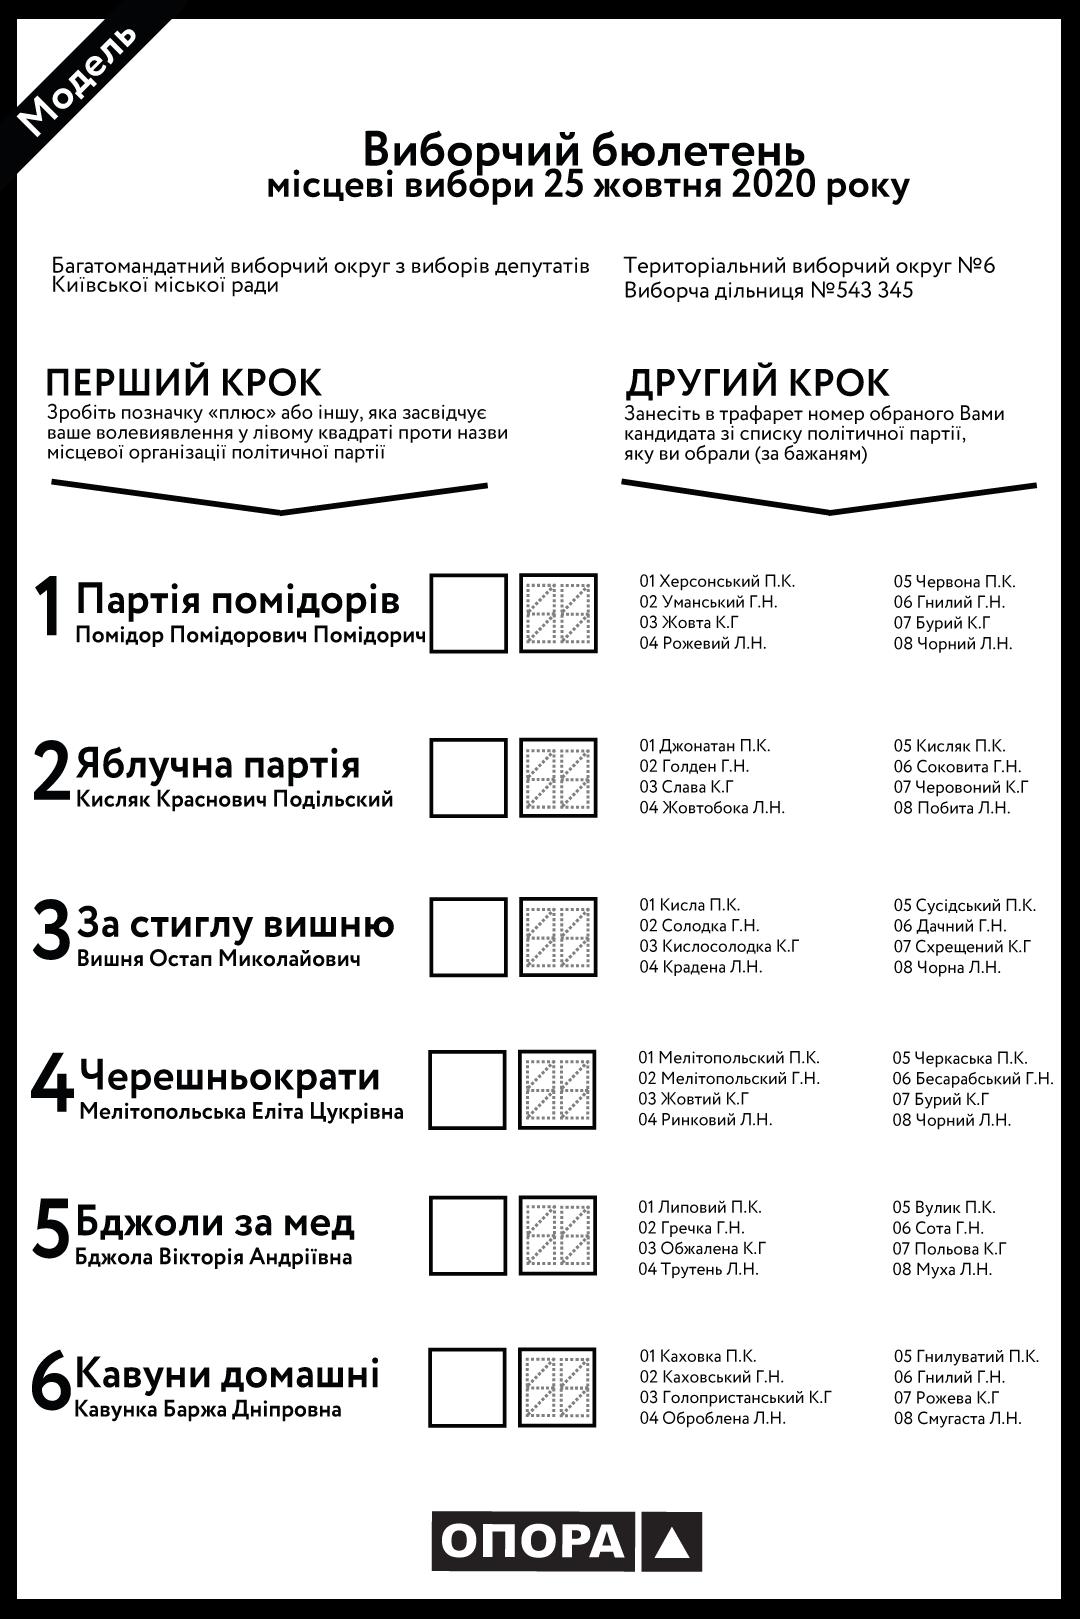 В ОПОРЕ объяснили, как пользоваться новыми бюллетенями на местных выборах - фото 2